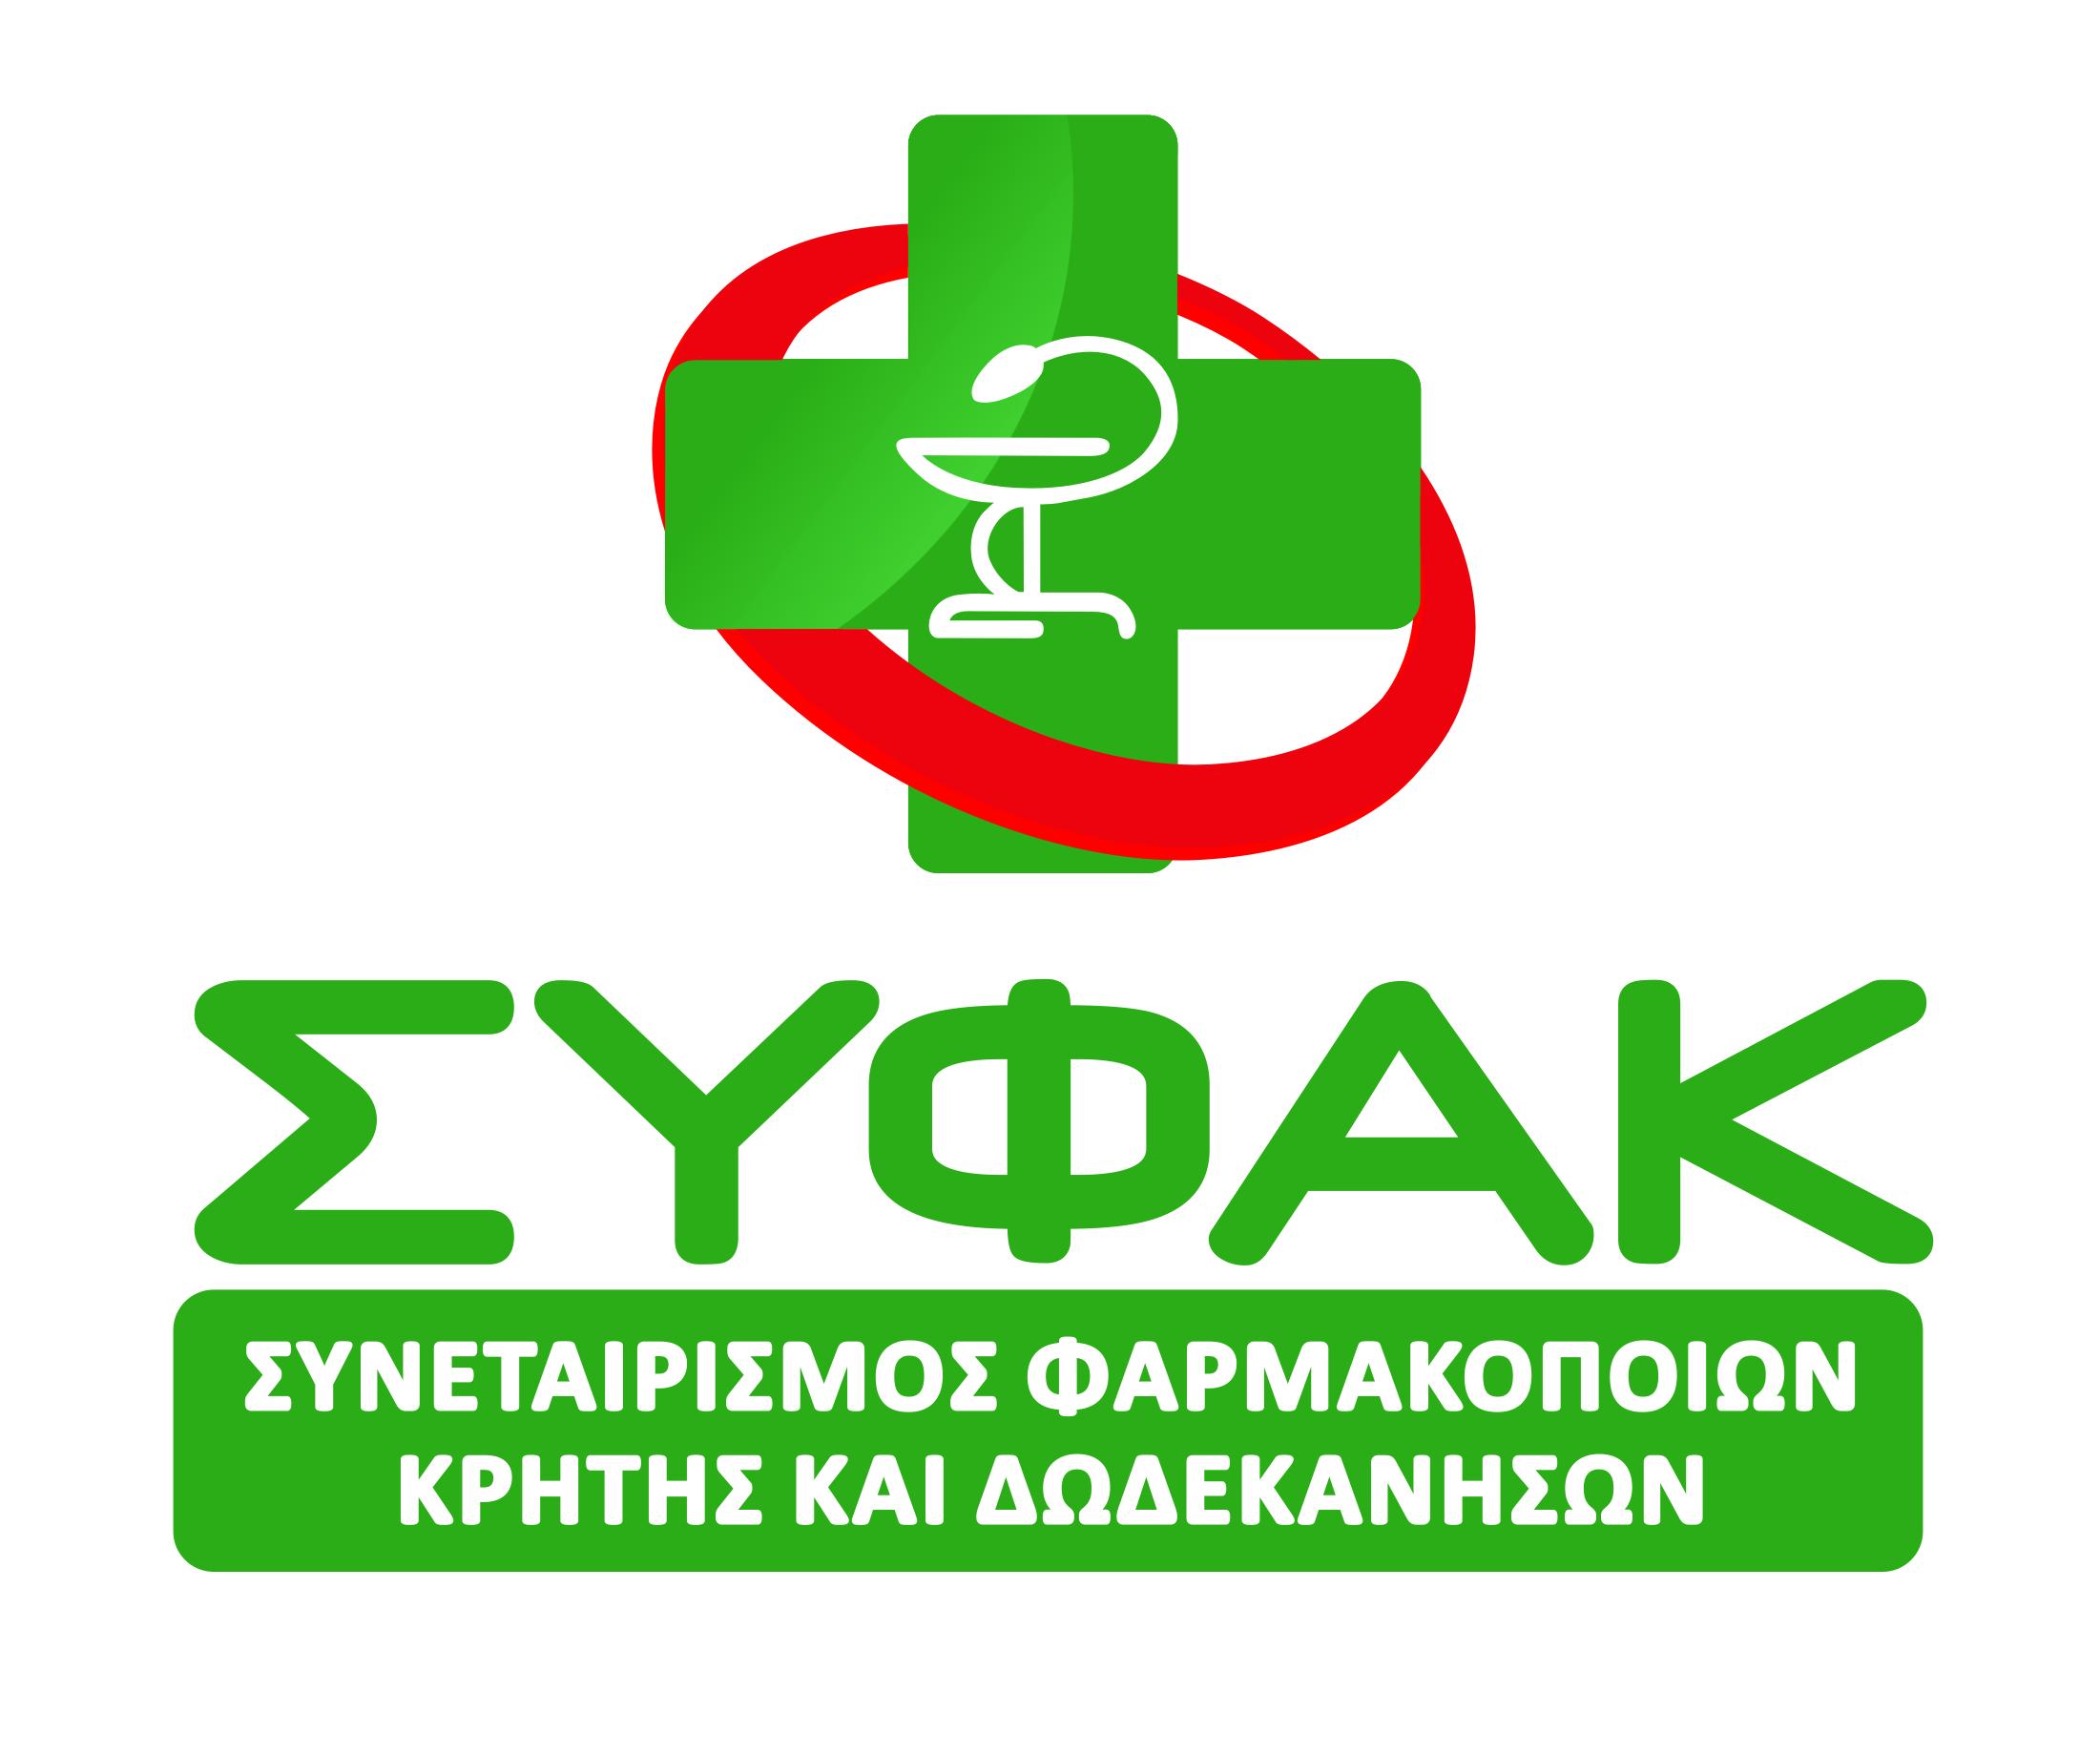 SYFAK